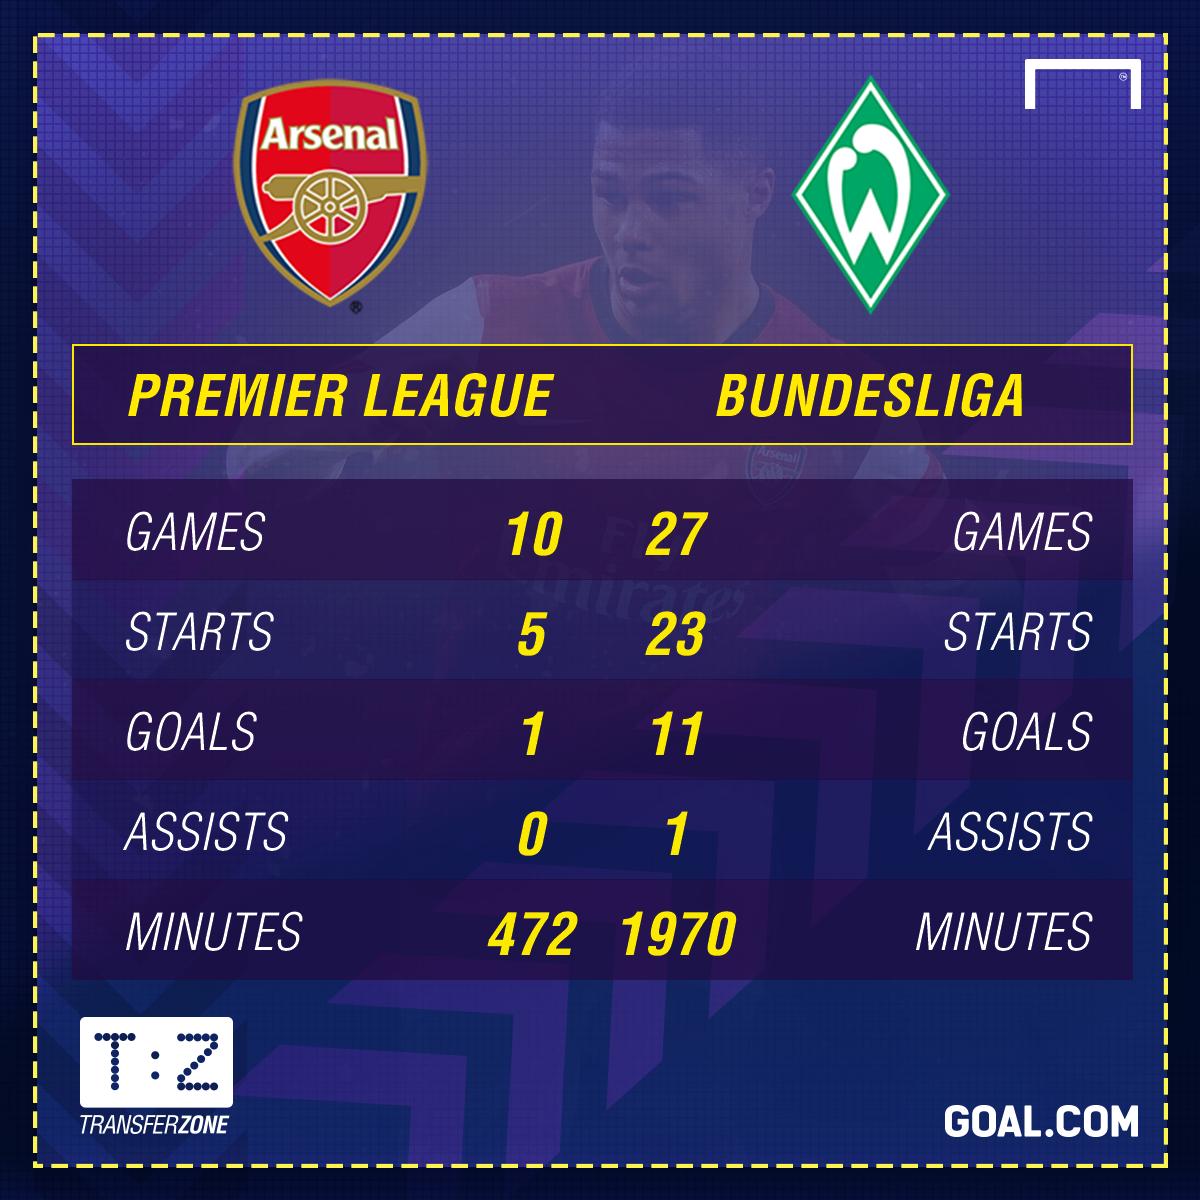 GFX Serge Gnabry Arsenal Werder Bremen Stats